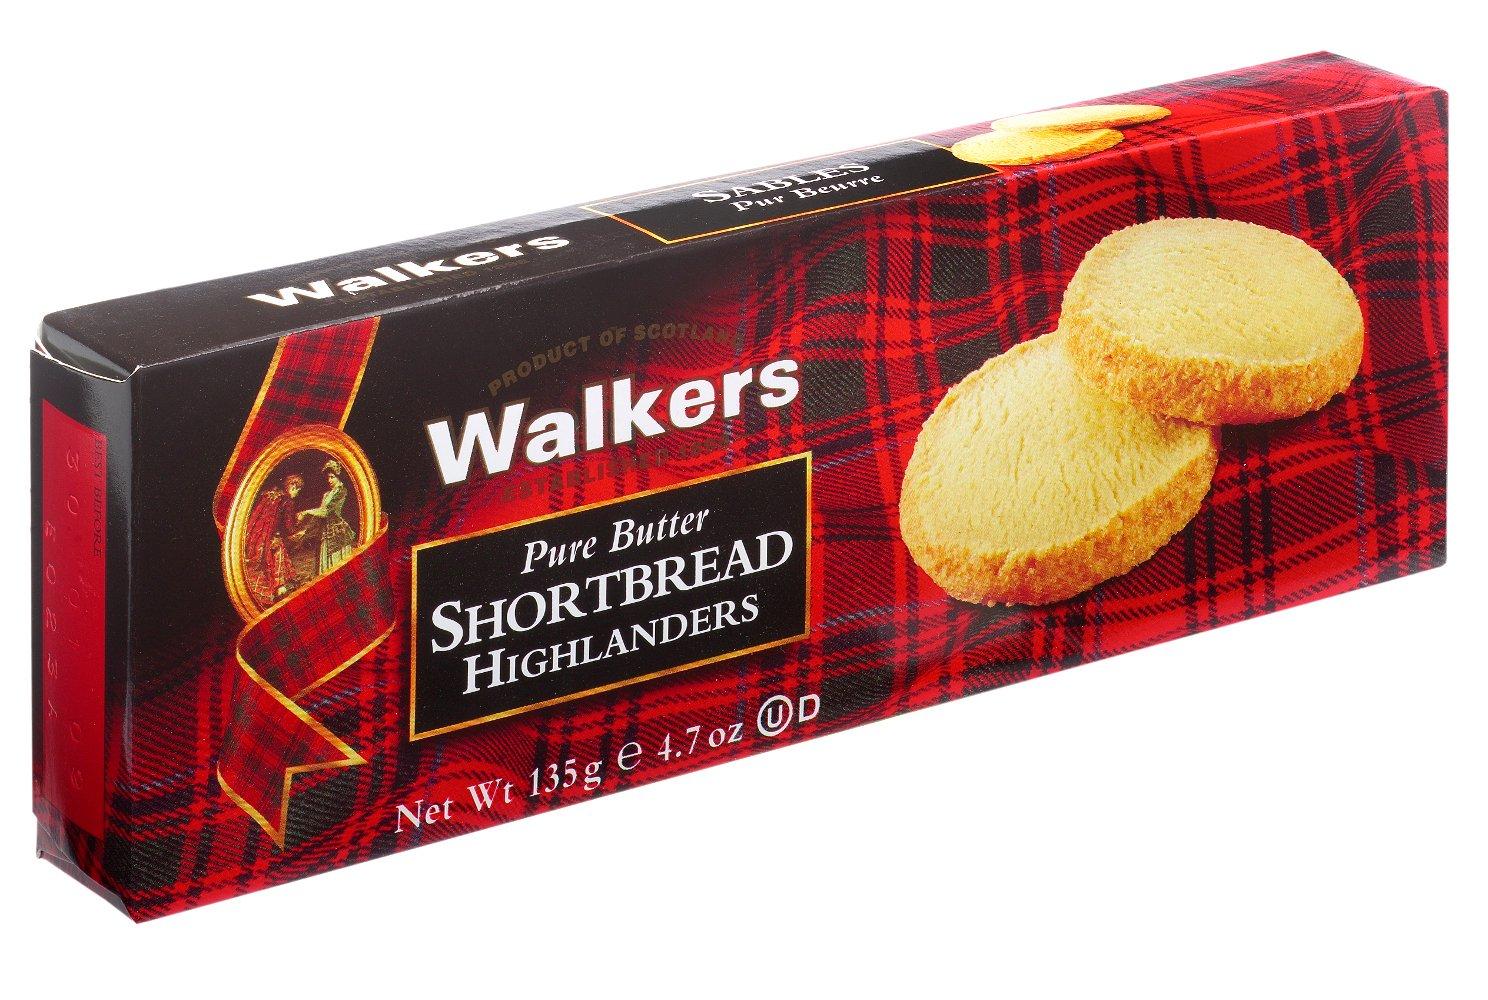 Walkers Shortbread Highlanders Postre - 135 gr: Amazon.es: Alimentación y bebidas